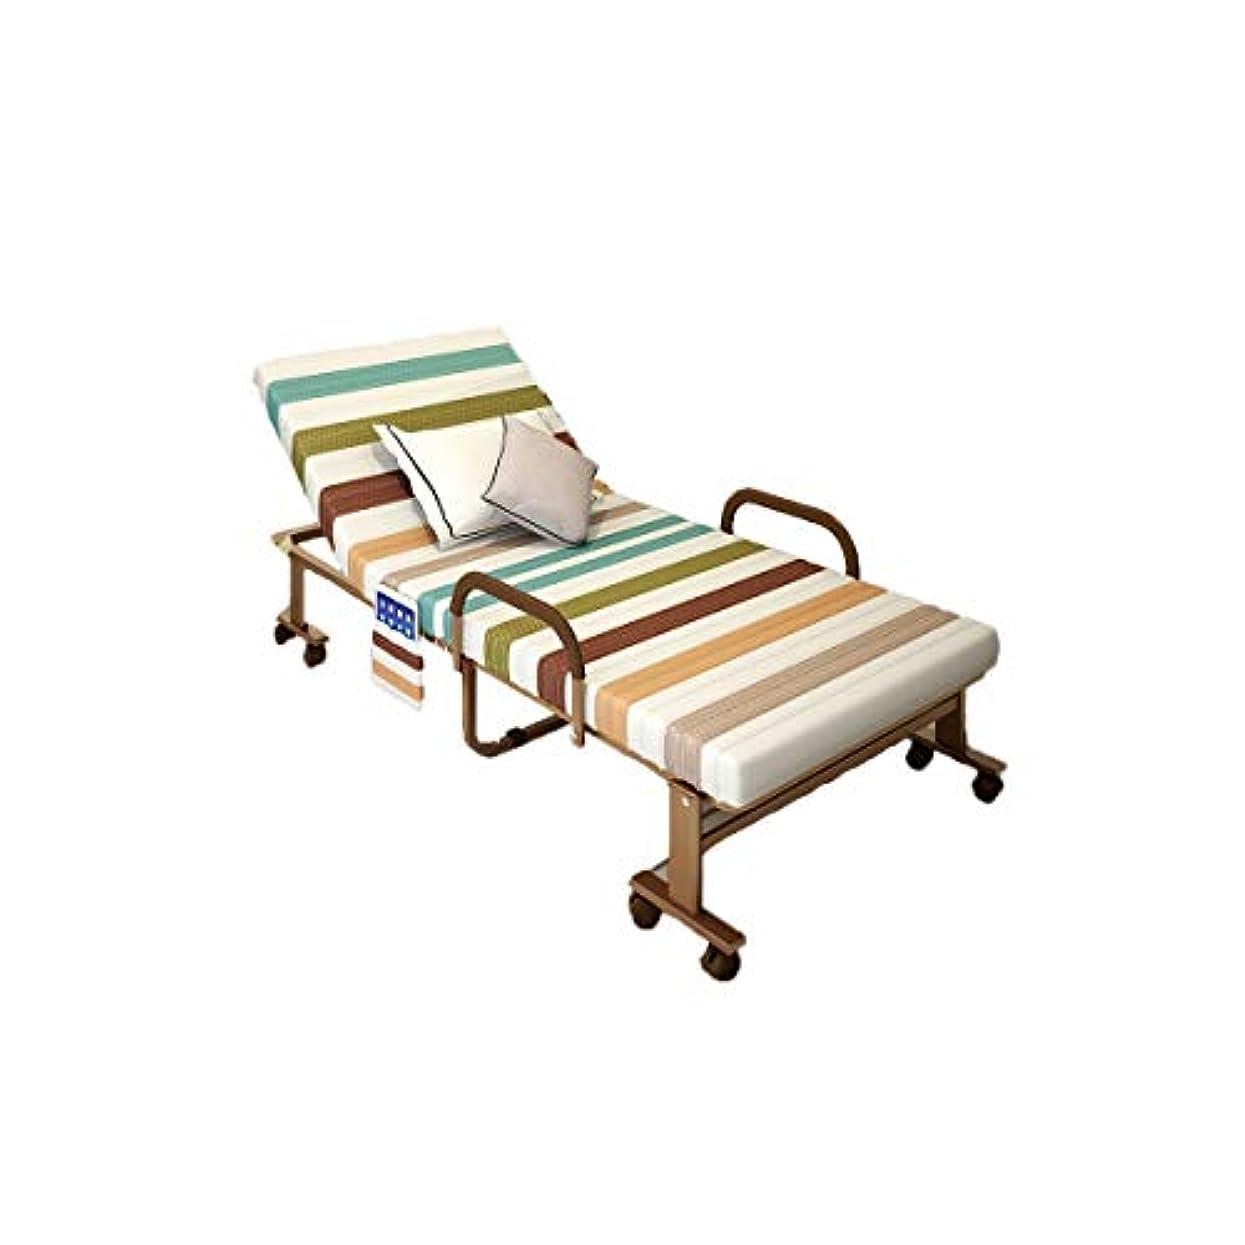 普通の失効書士KEHUITONG 折りたたみ式ベッド、強化シングルベッド、家庭用スポンジベッド、オフィス用大人用ベビーベッド、携帯式仮眠ベッド、昼休み、デュアルユース、コーヒー(70cm、80cm、90cm、100cm、120cm) (Size : 120cm)